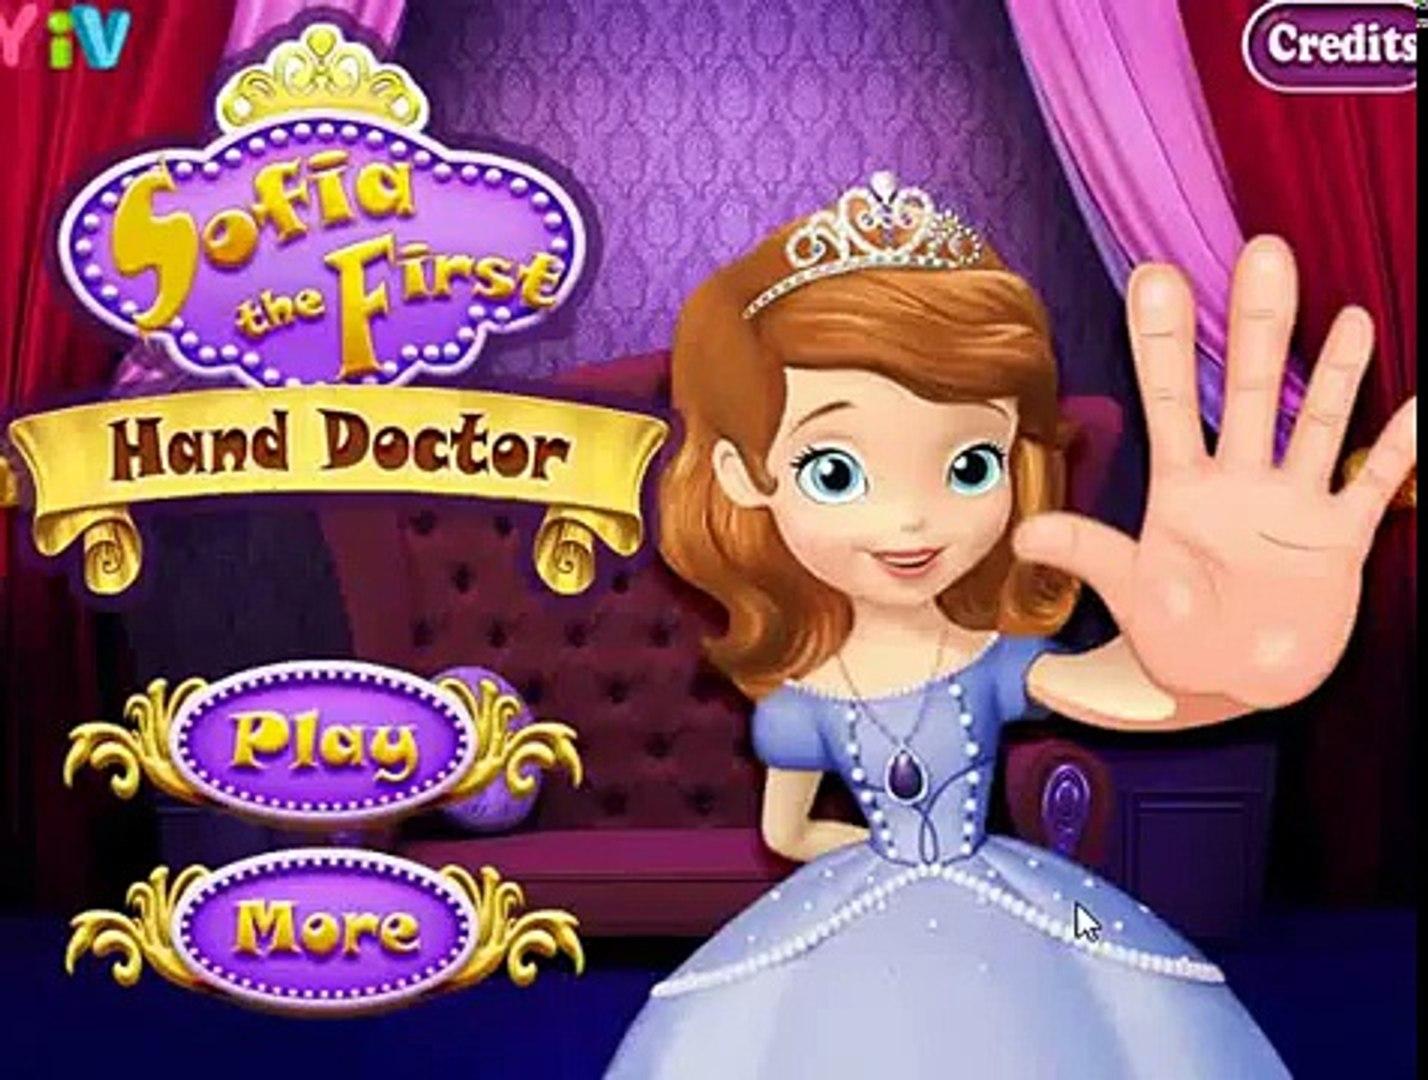 София лечит руки у доктора / Sofia The First Hand Doctor